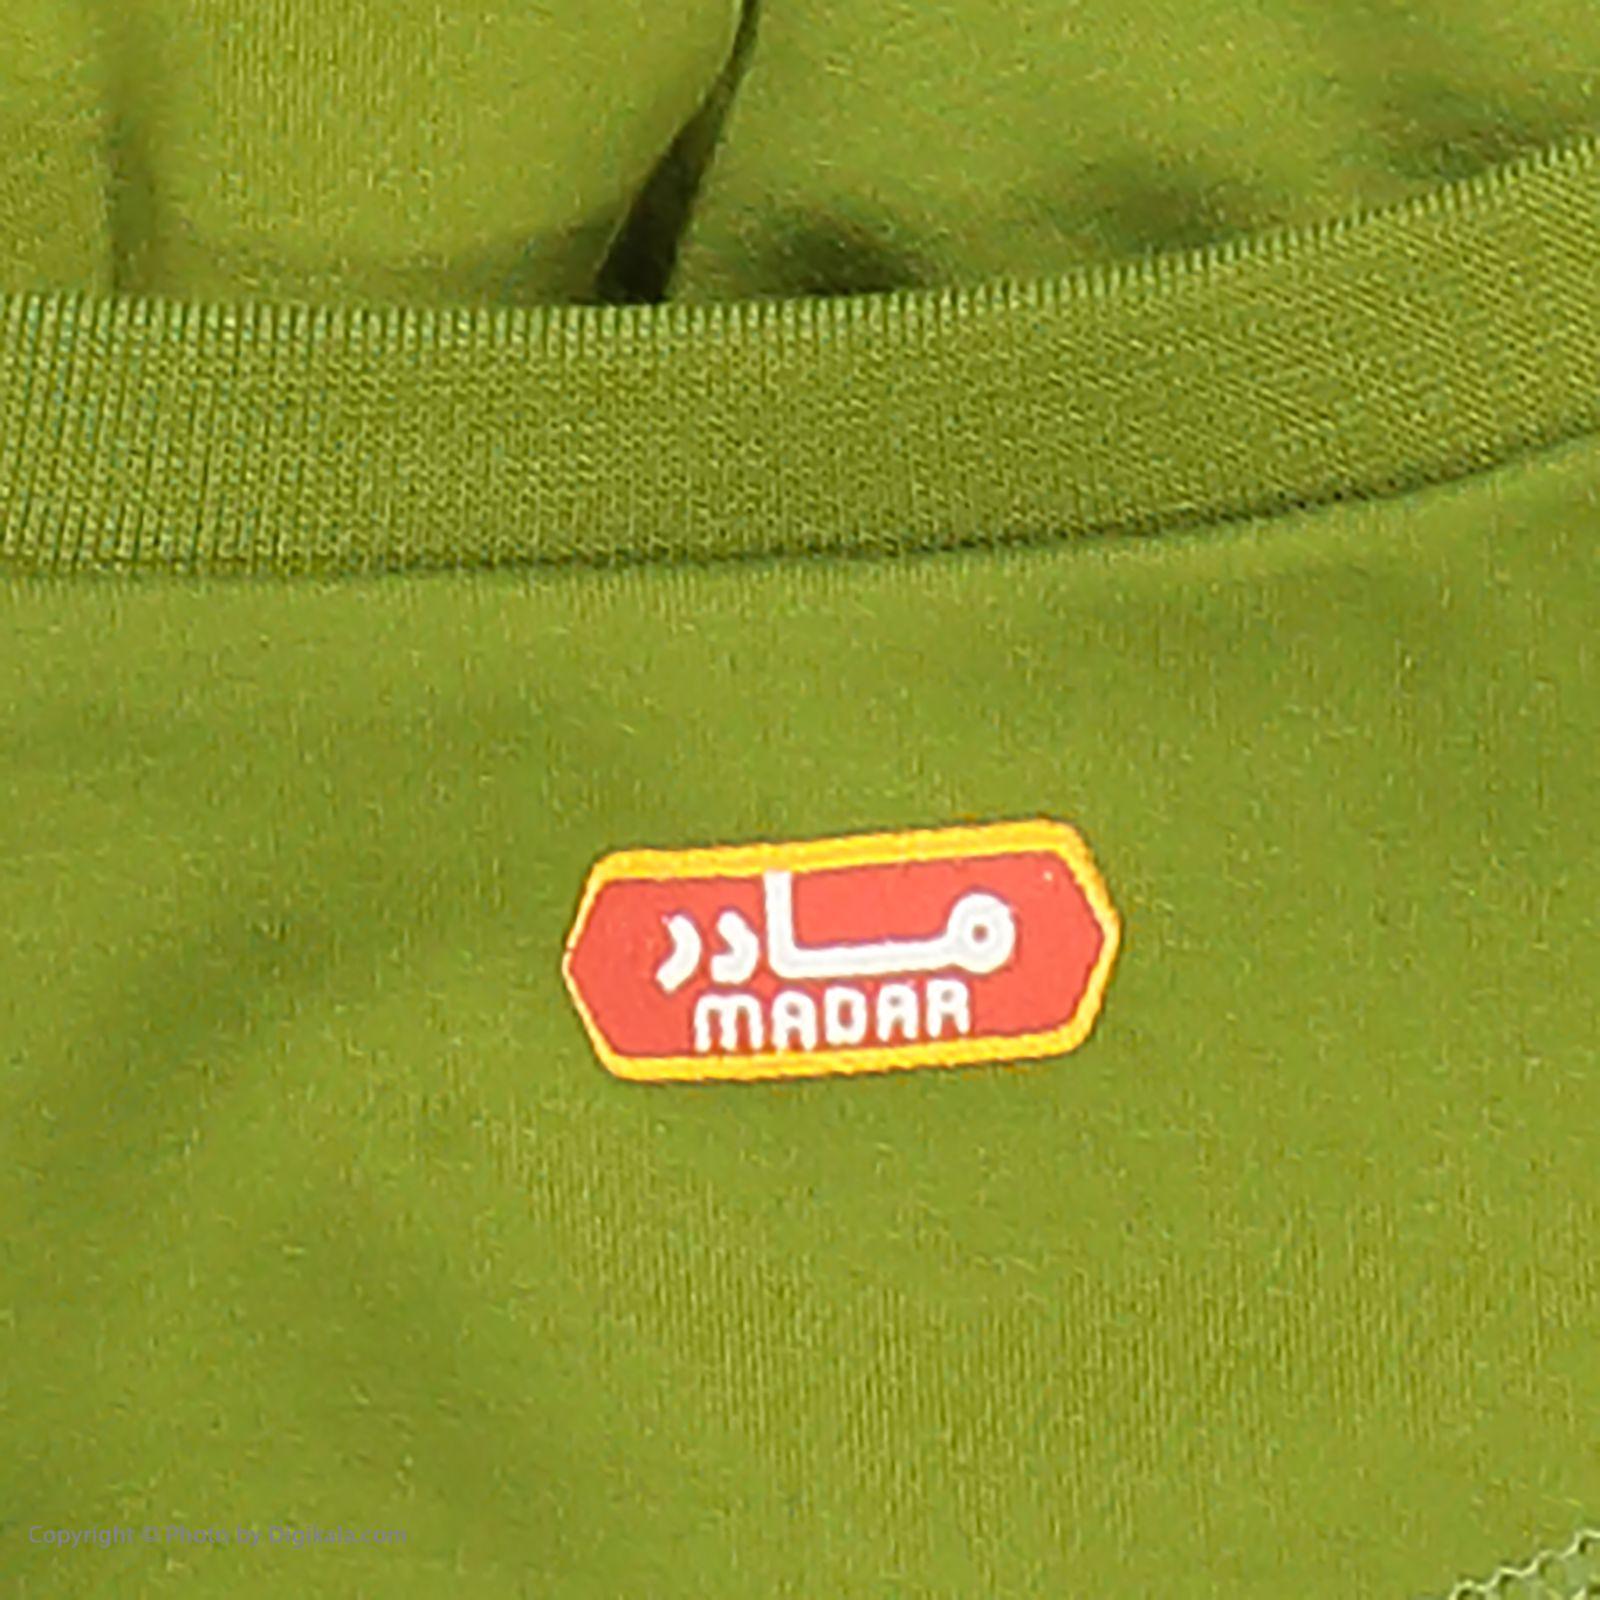 ست تی شرت و شلوار پسرانه مادر مدل 318-42 main 1 7